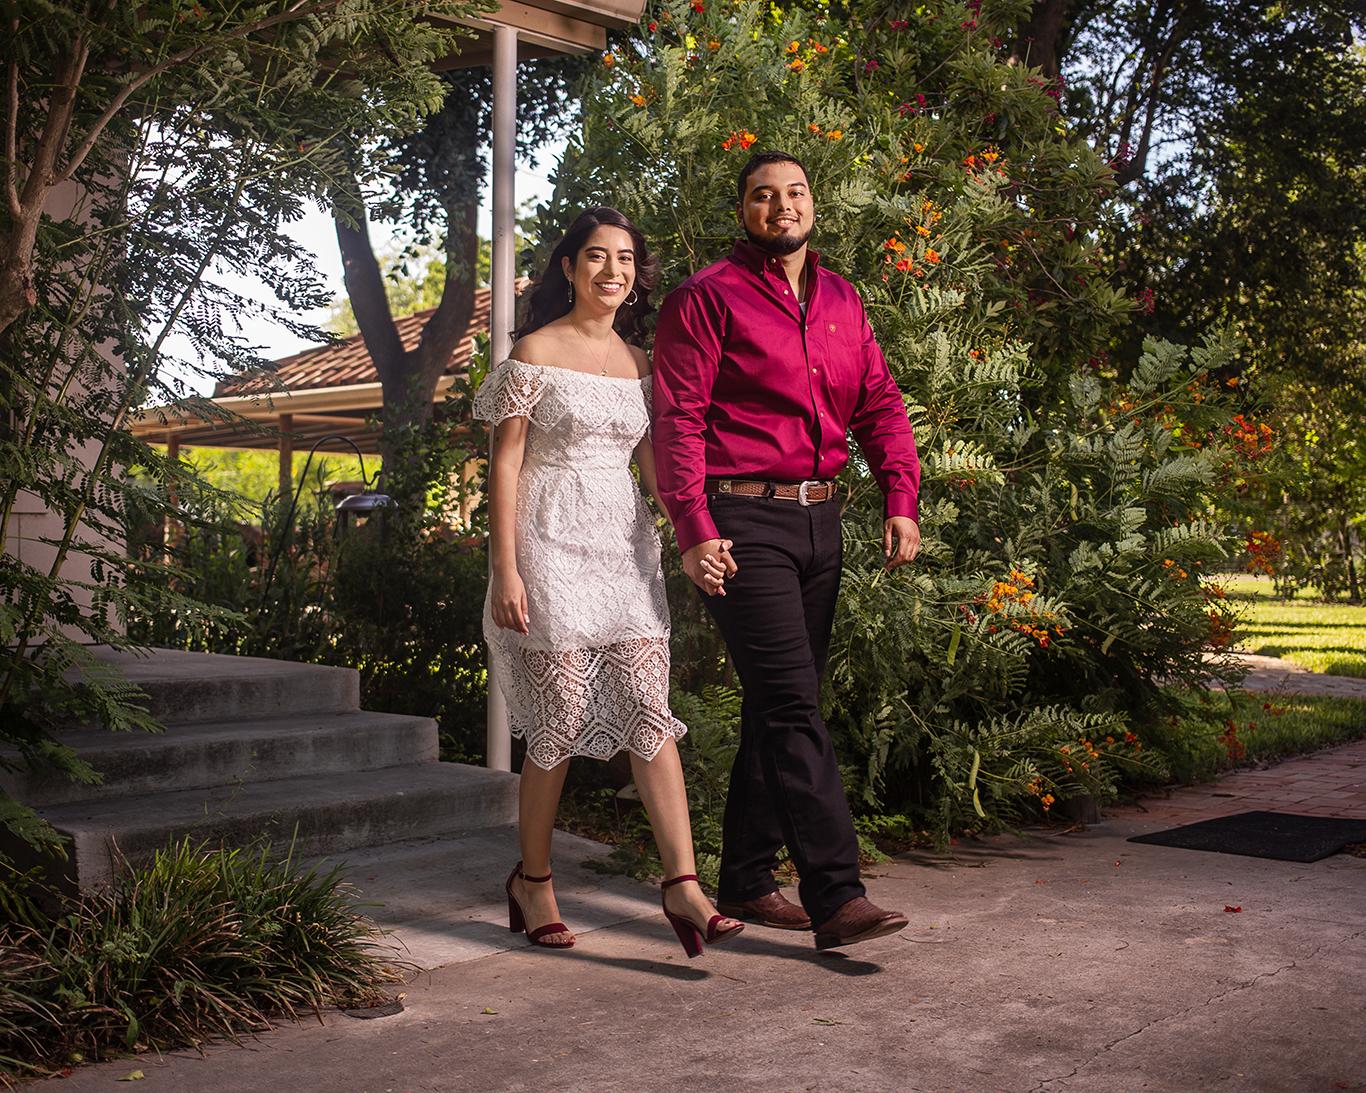 engagement portrait couple walking smiling